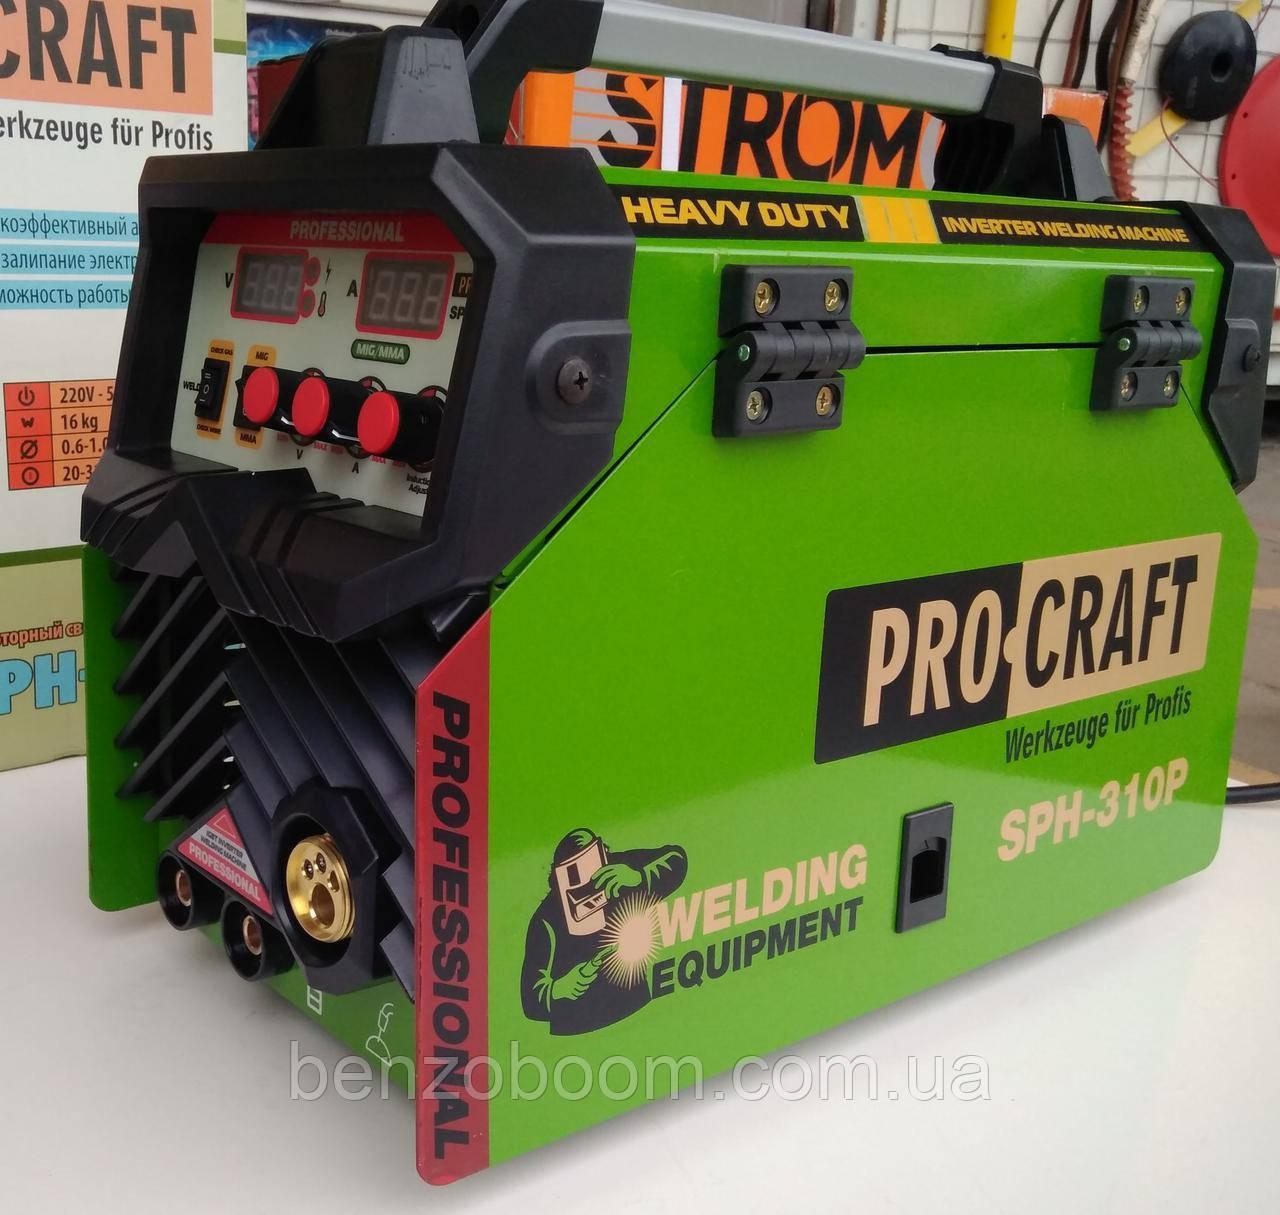 Инвенторный Сварочный полуавтомат Procraft SPH 310P сварка 2 в 1